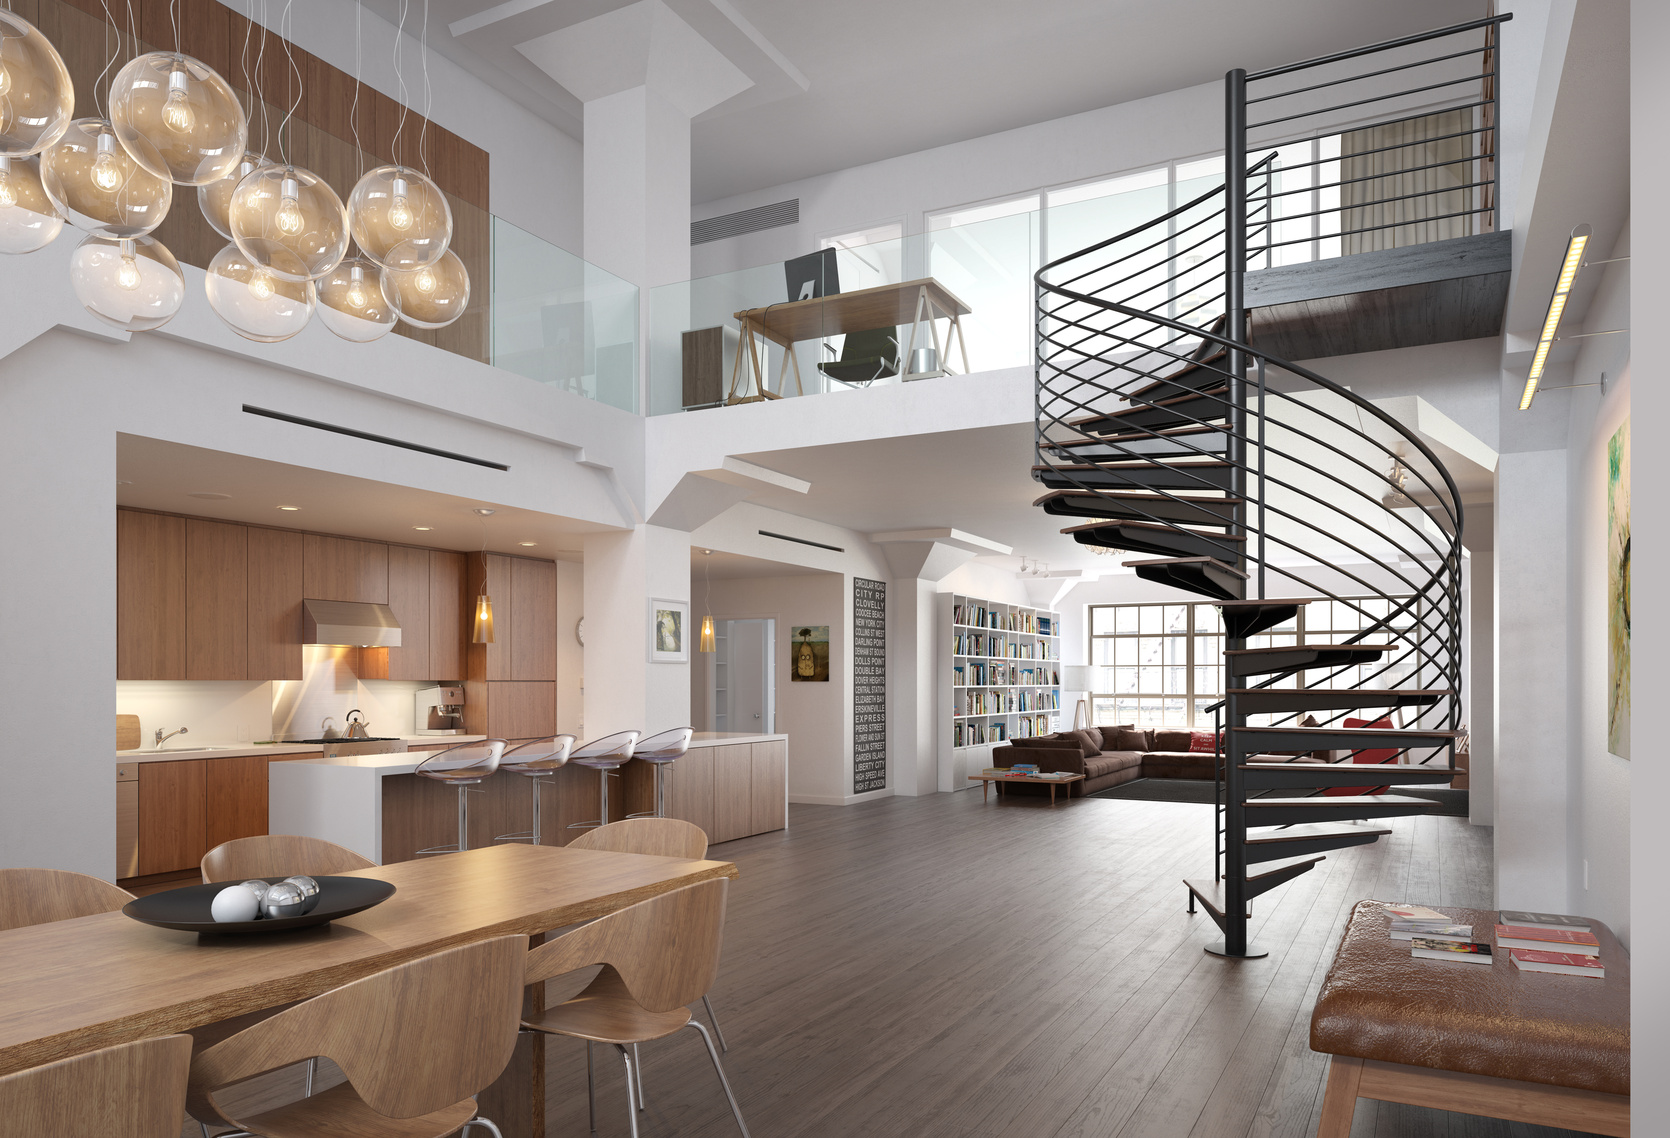 aufkl rung q1 bis q4 die verspachtelung von decken und w nden wird in 4 qualit tsstufen. Black Bedroom Furniture Sets. Home Design Ideas